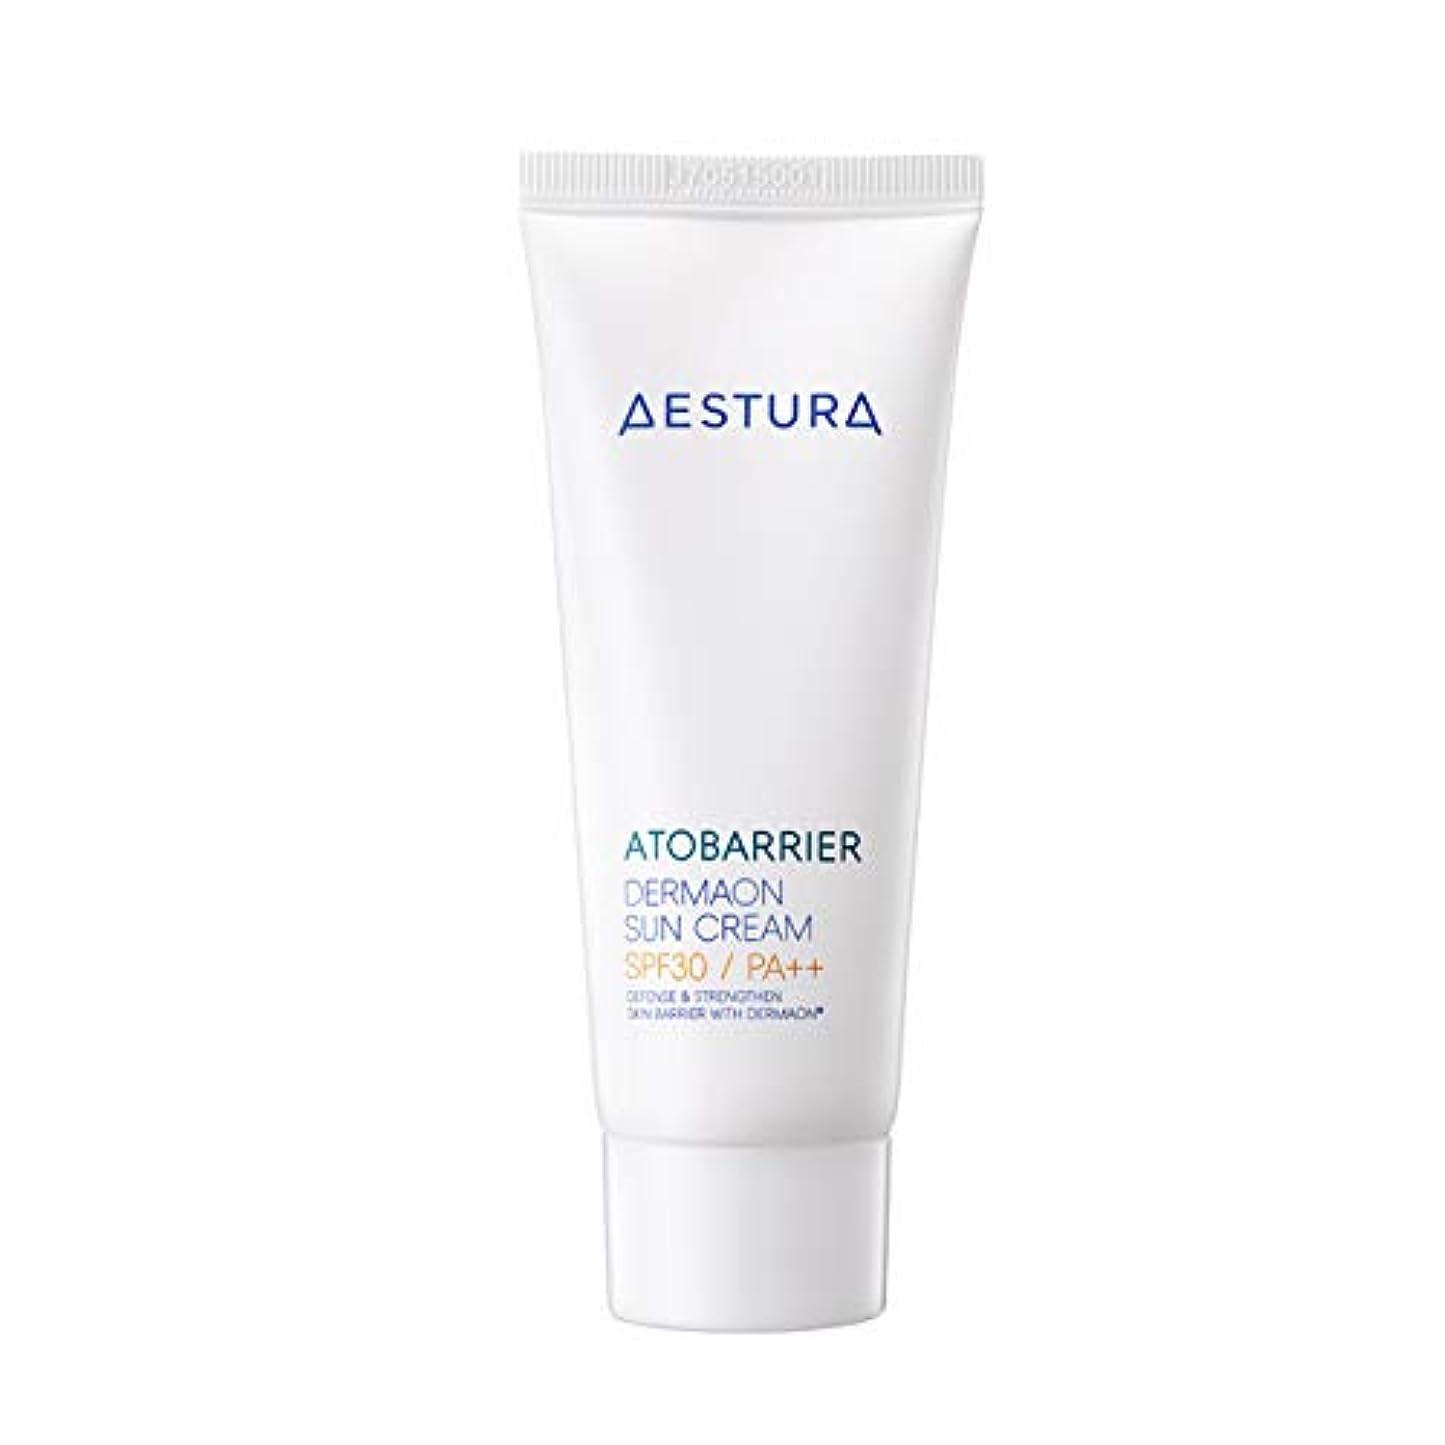 カラスシェトランド諸島蜂AESTURA アトバリエ ダーマオン サンクリーム 60ml,SPF30 / PA++ Atobarrier Dermaon Sun Cream